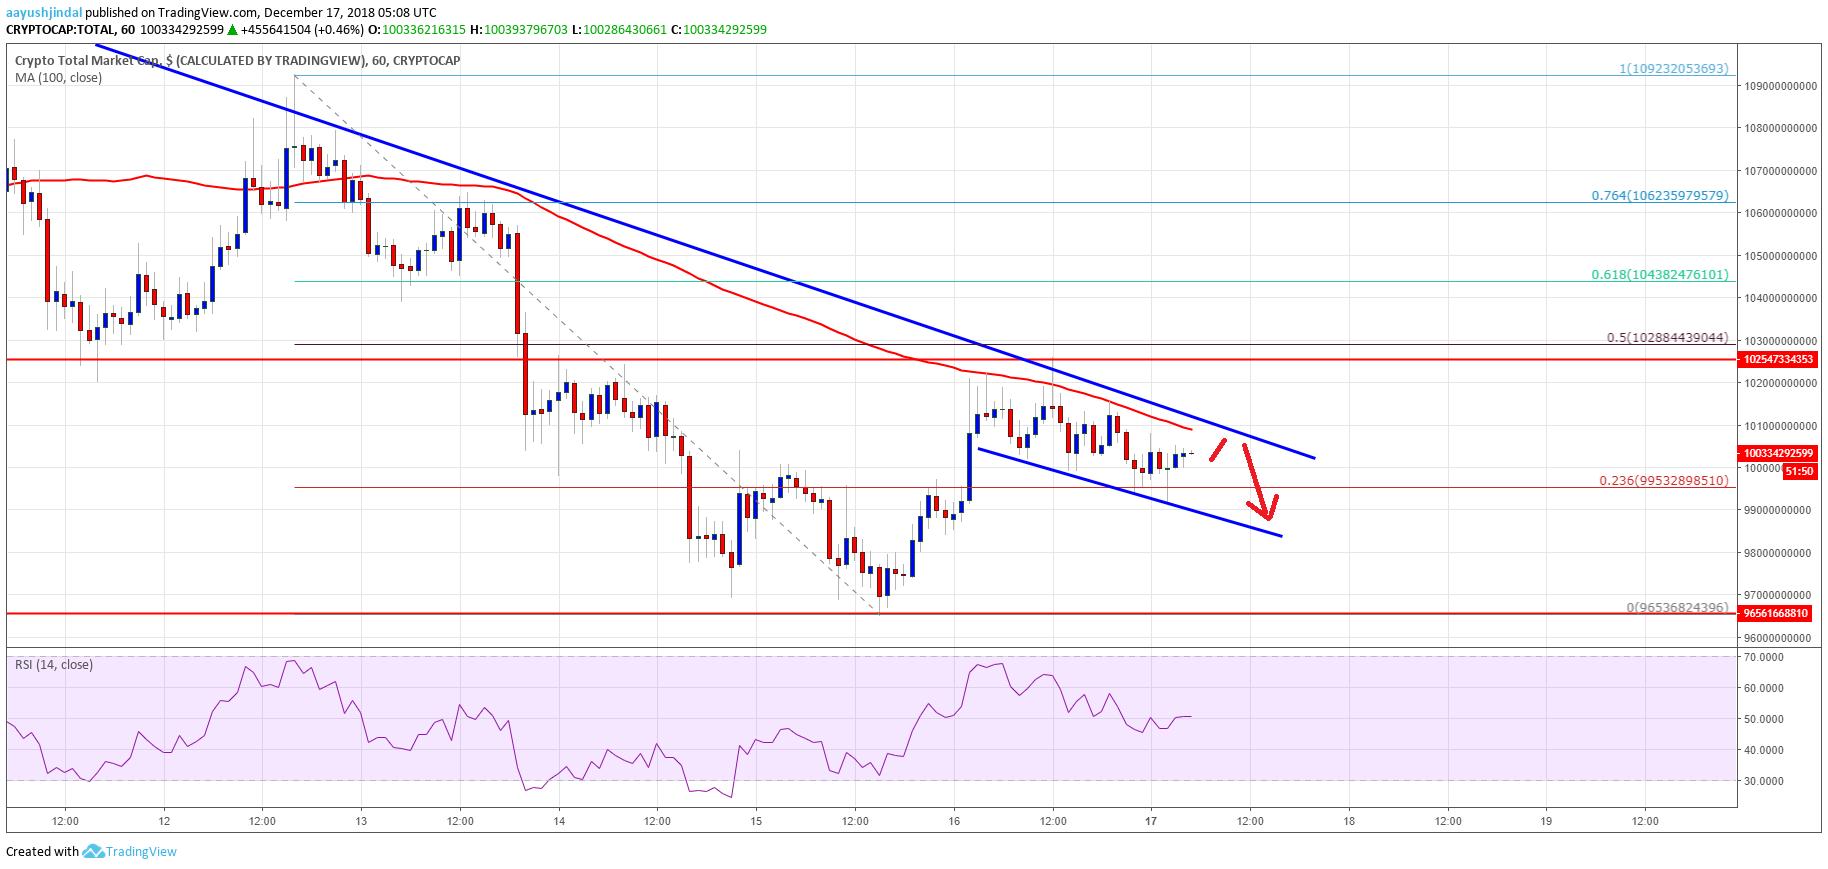 Crypto Market Cap Total Bitcoin ETH XRP EOS